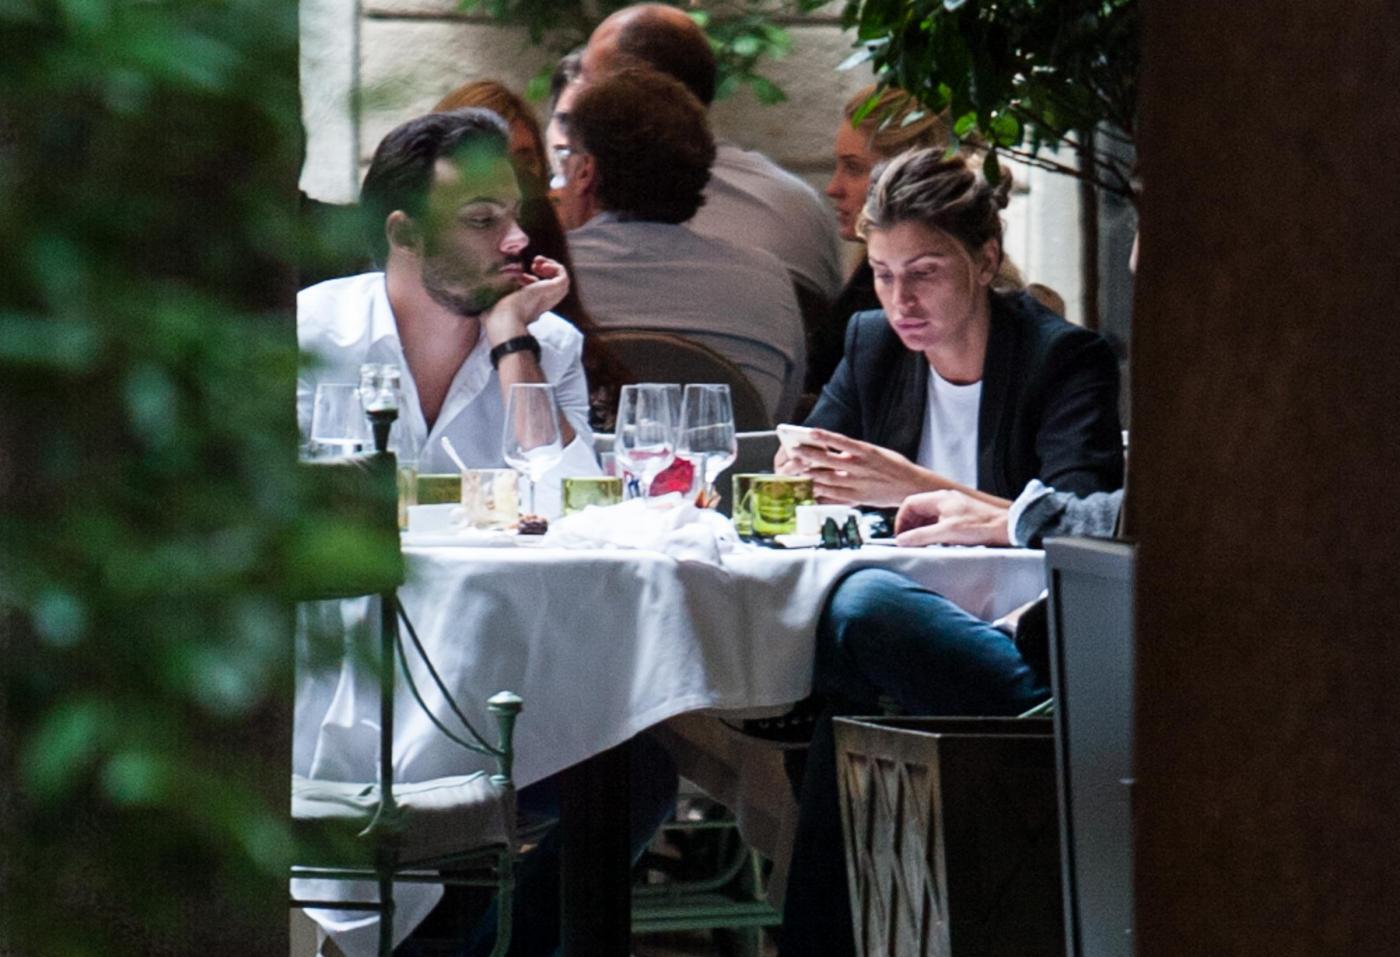 Claudia Galanti pranza a Milano con Tommaso Buti: con loro Raffaella Zardo FOTO19